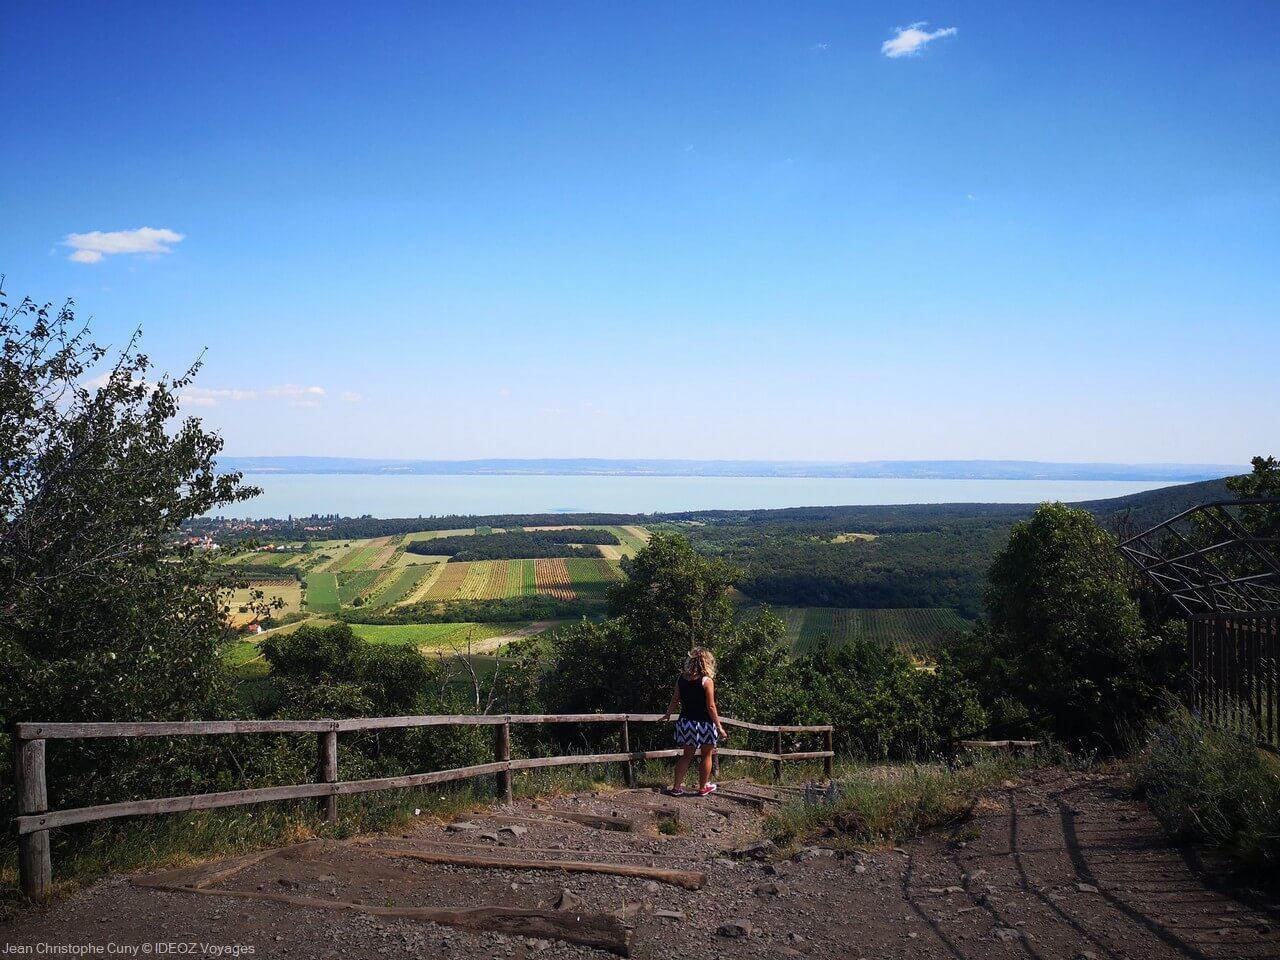 Le lac Balaton en été : une escapade au coeur des trésors du Bakony 11